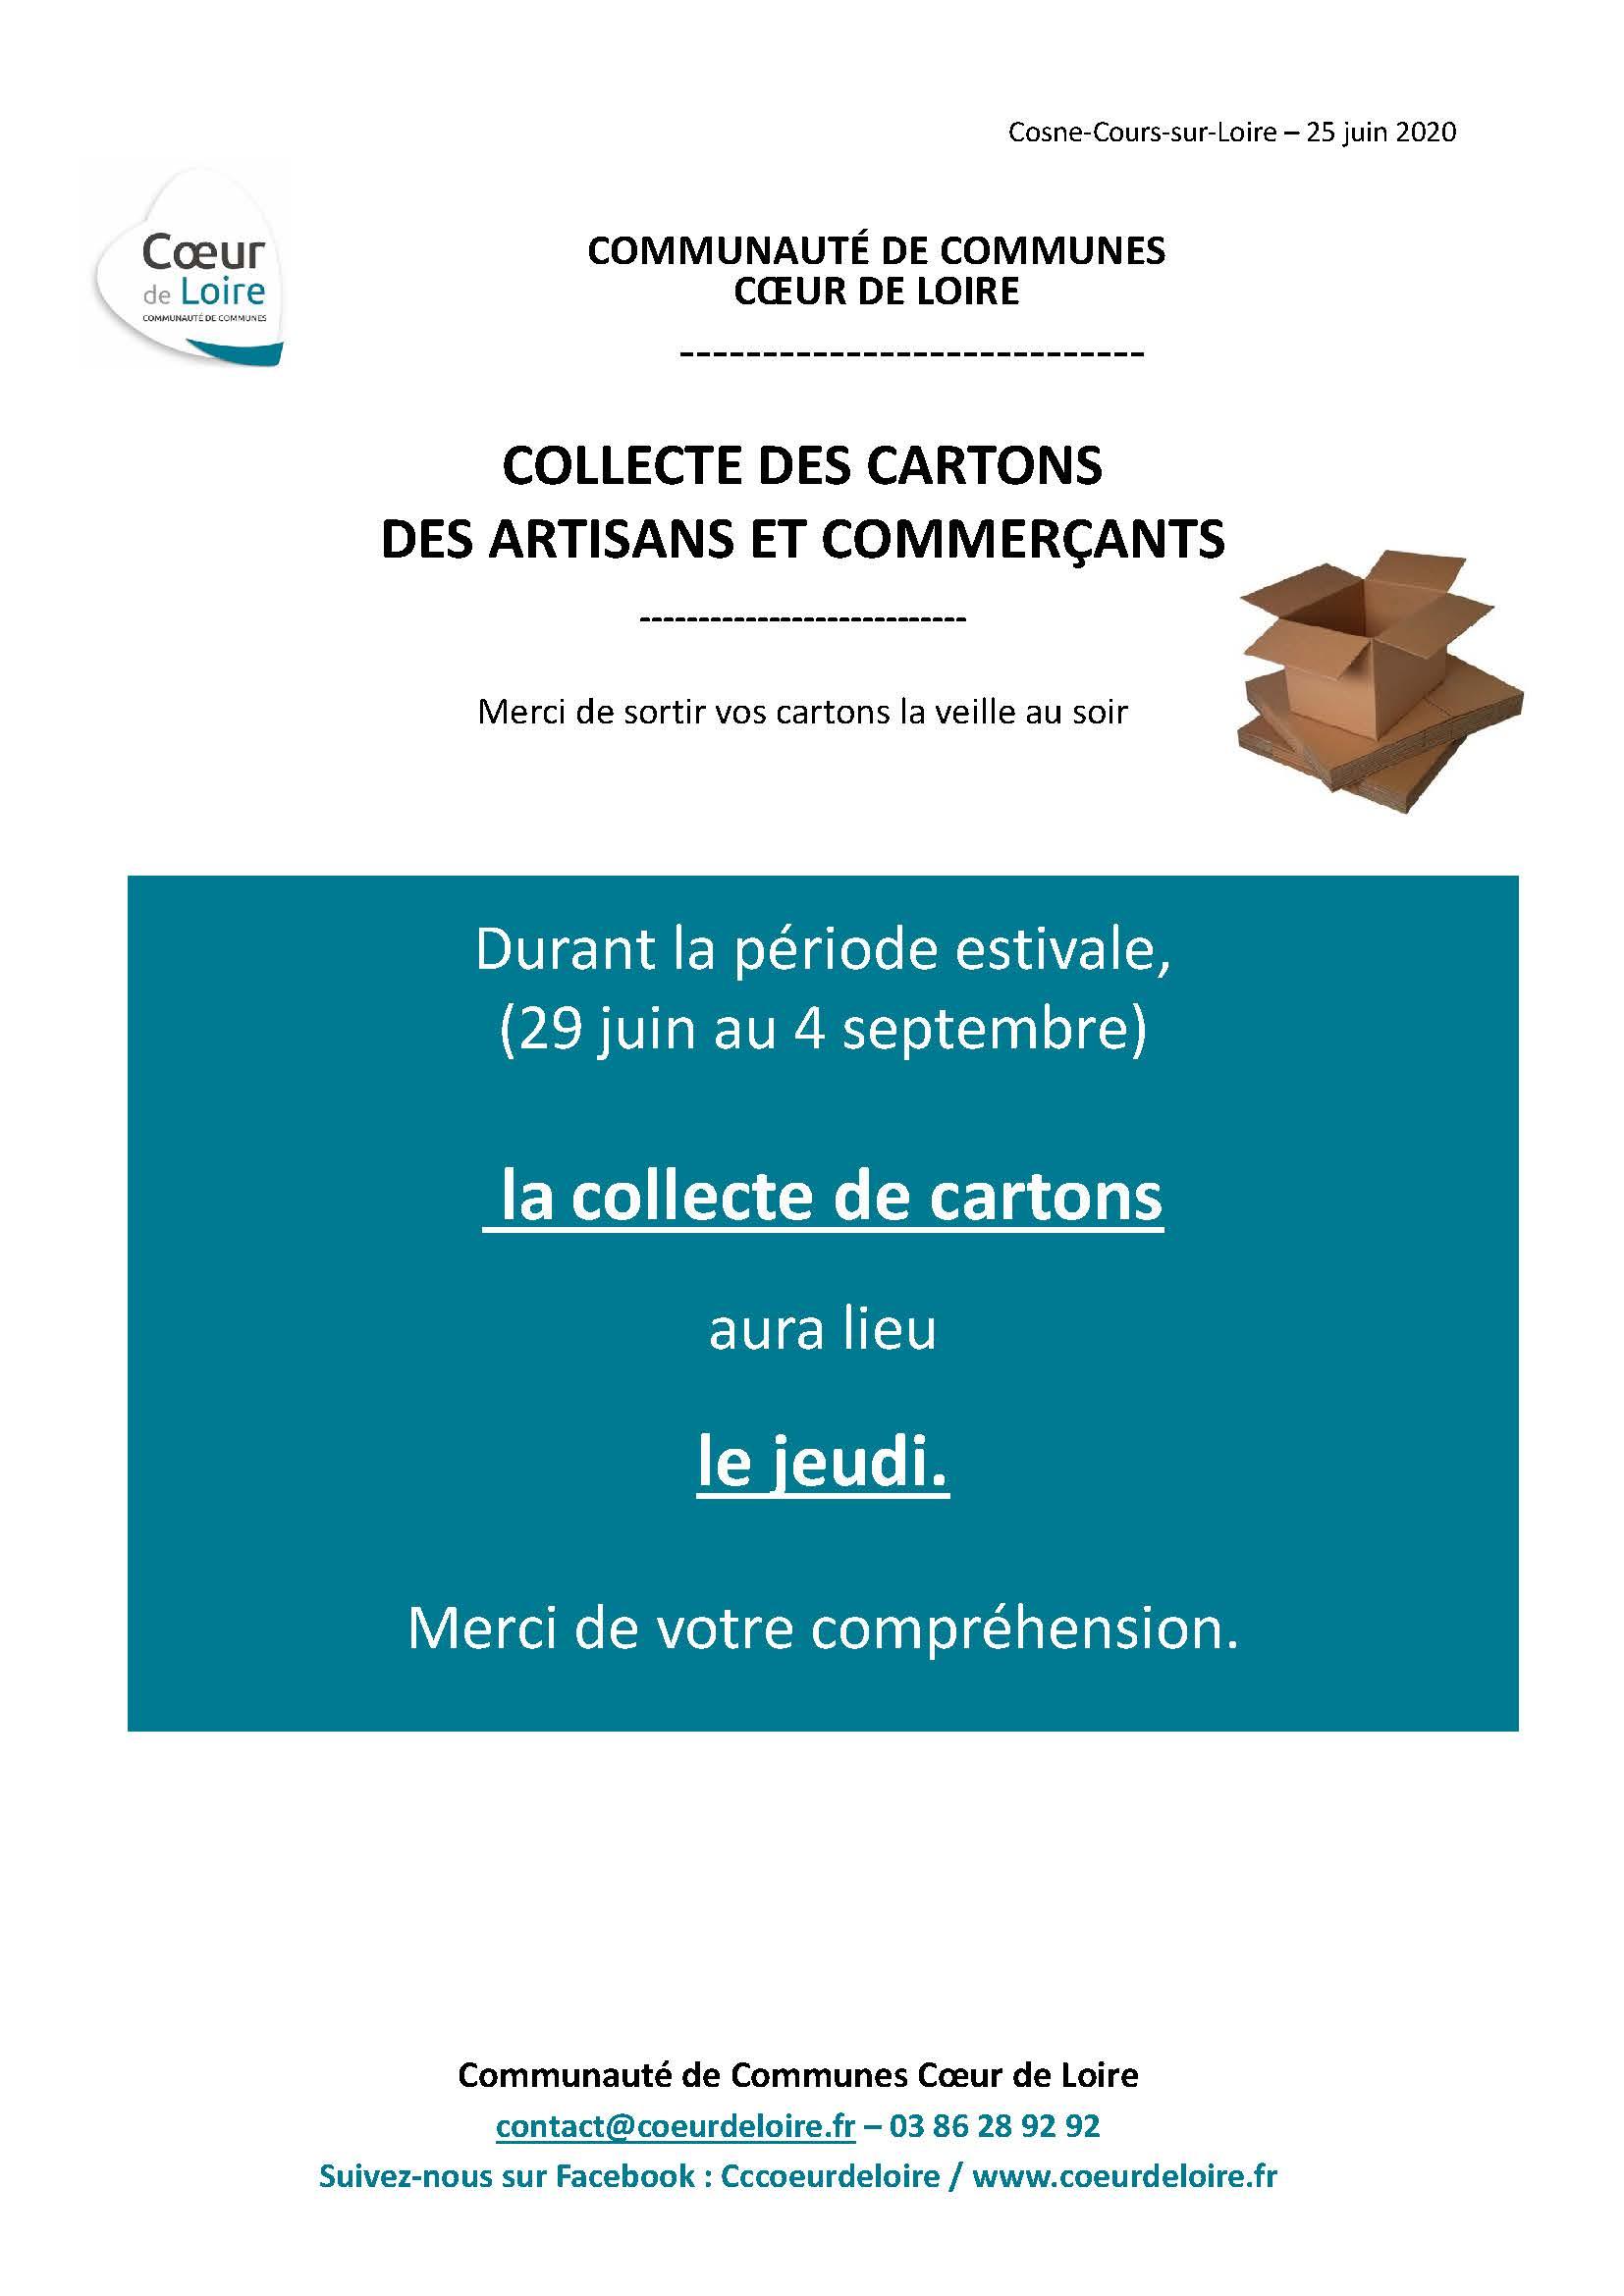 Modification des jours de collecte des cartons des commerçants